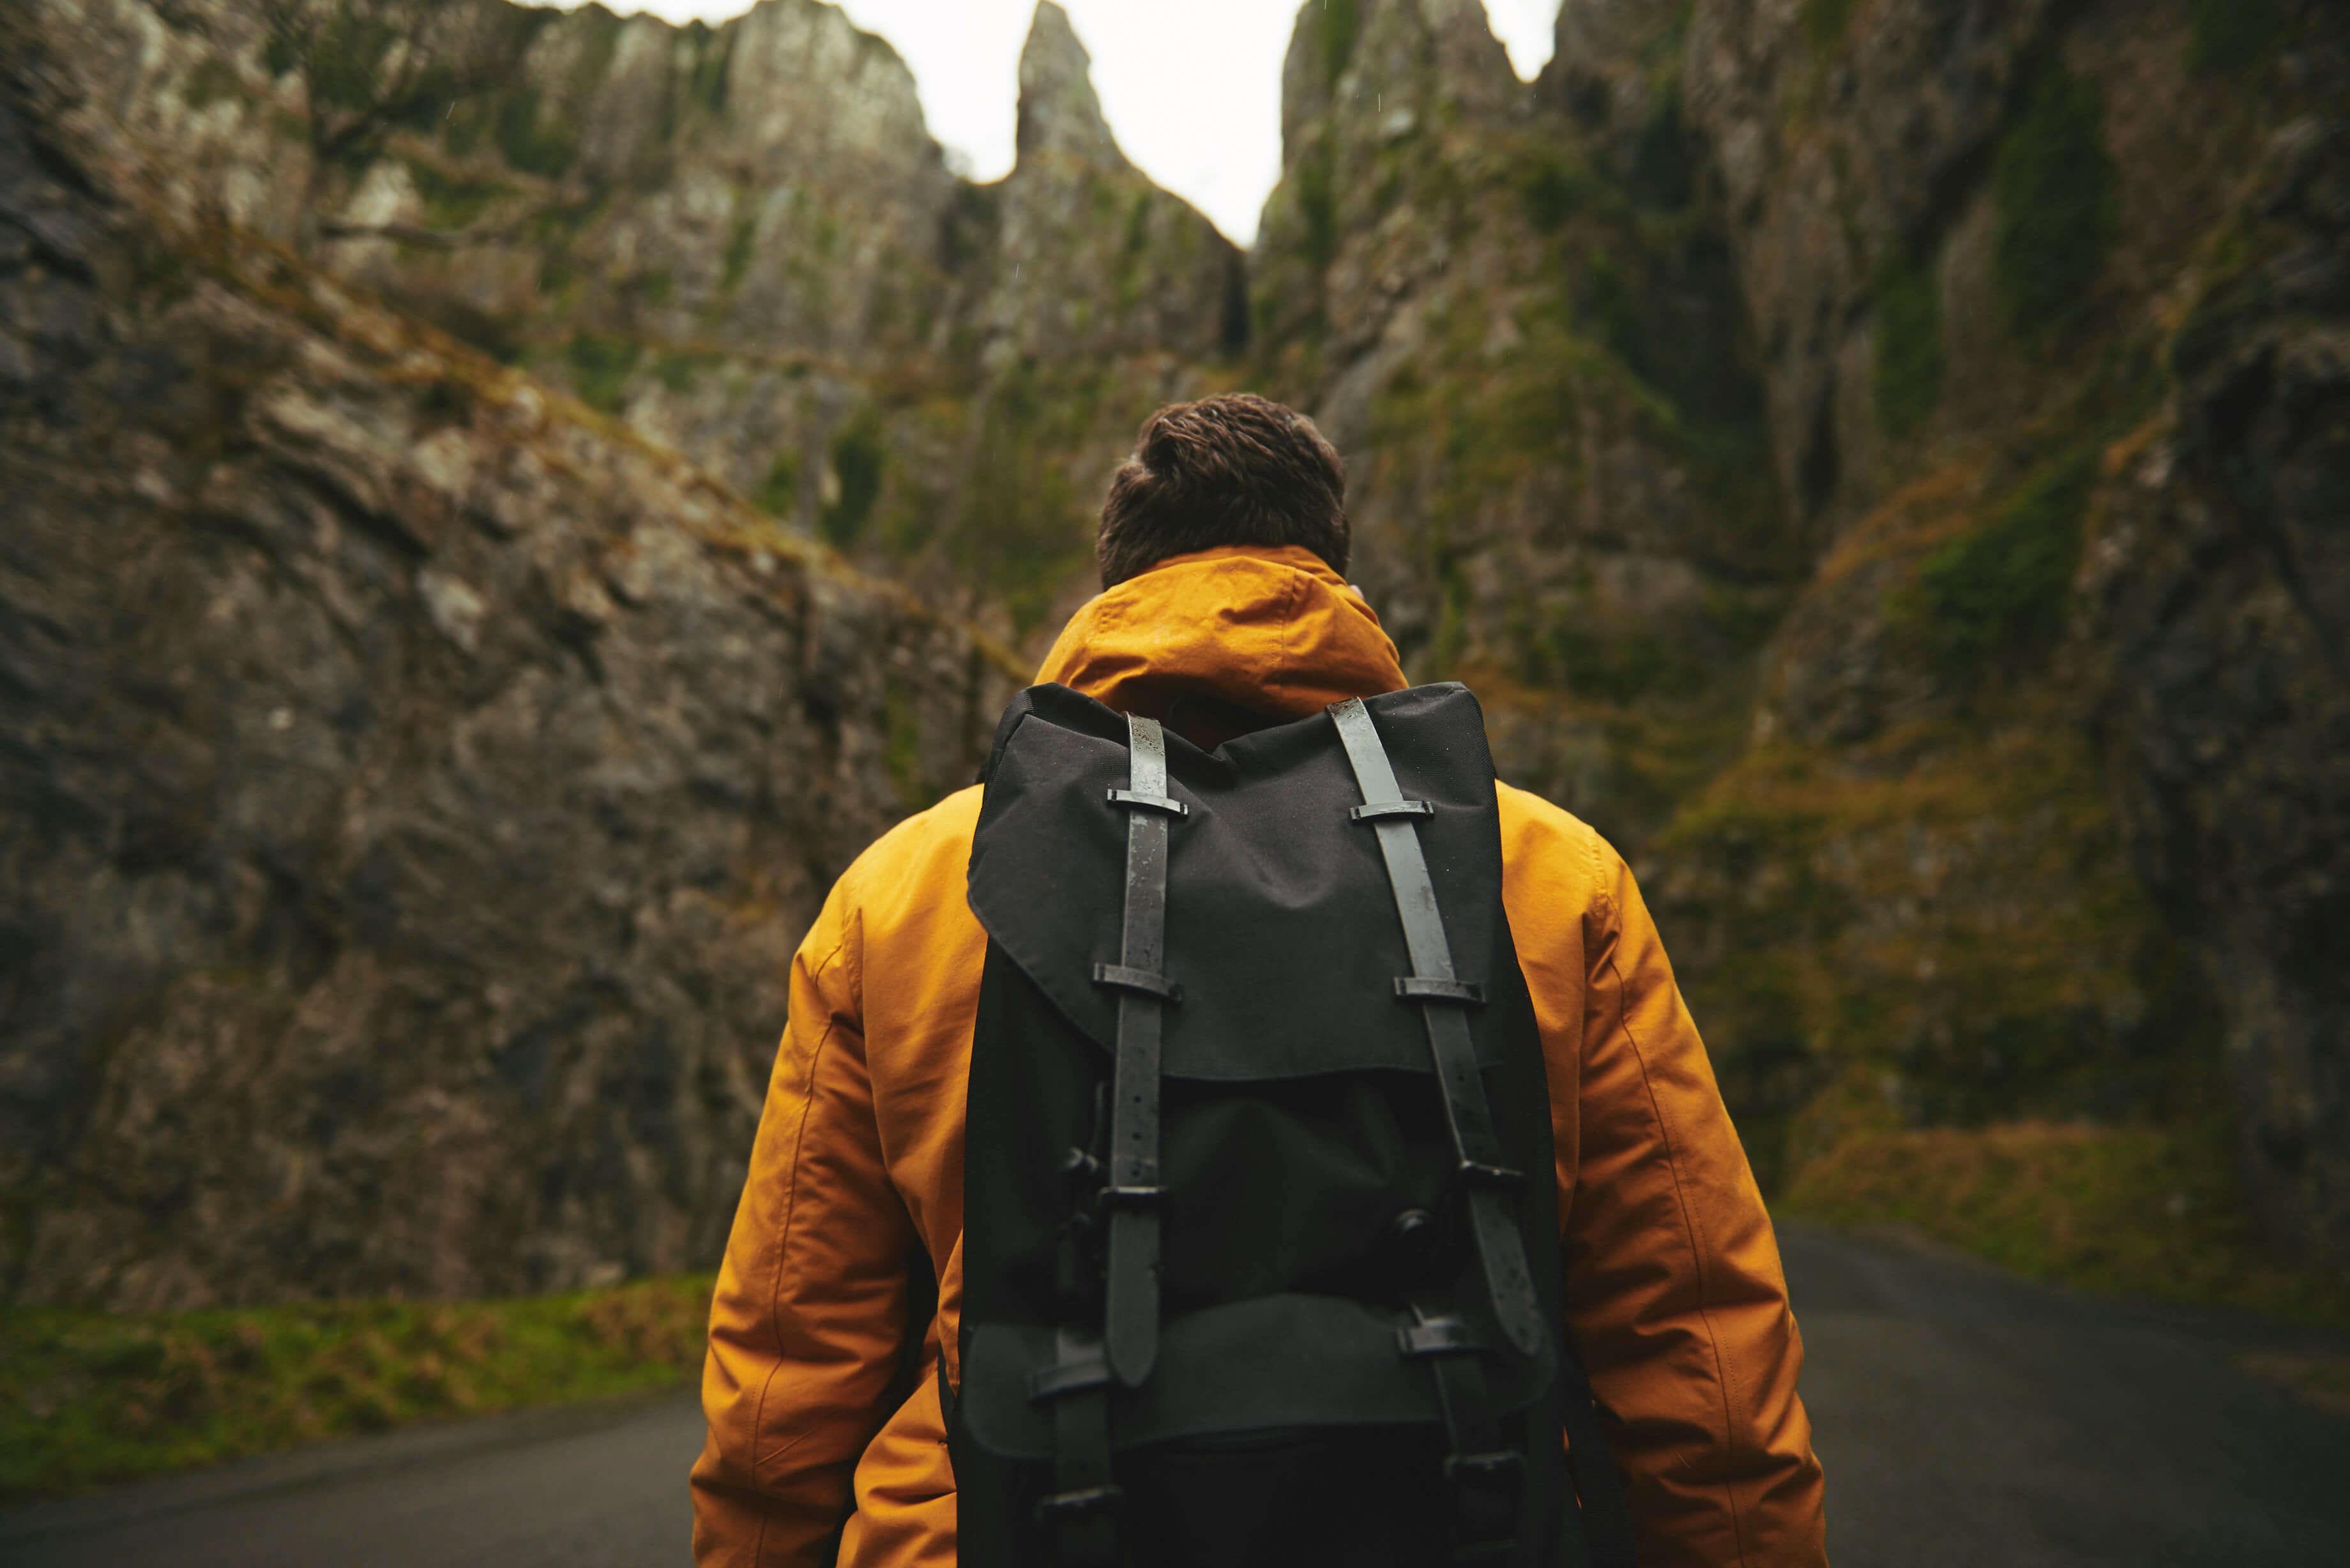 viajes-travel-backpack-mochila-quepasaria-si-hiciera-lo-que-me-gusta-alexjumper